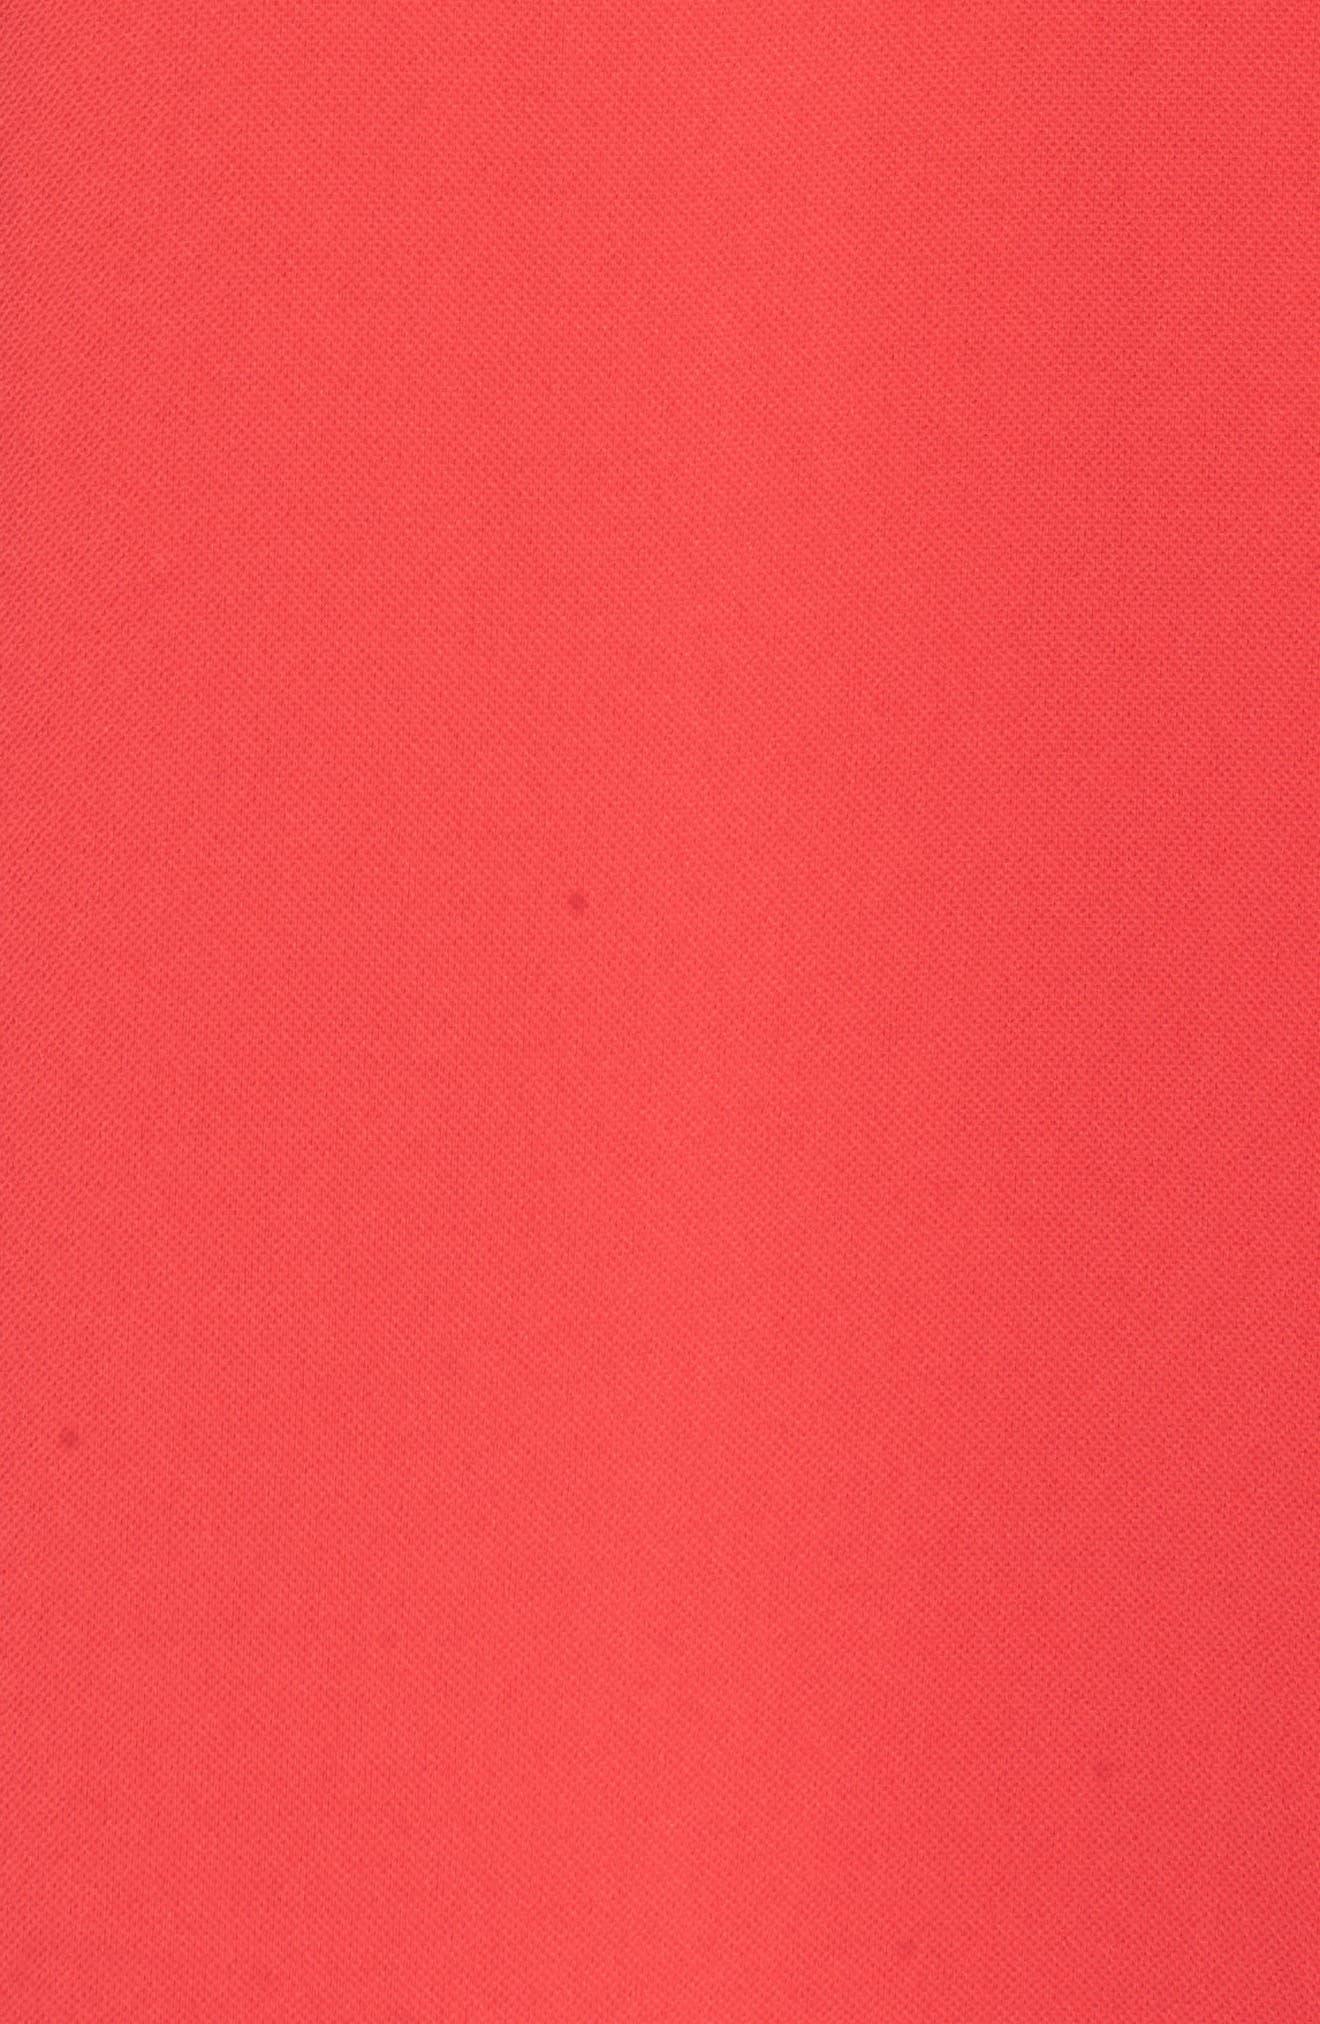 Crepe Ruffle Drape Shift Dress,                             Alternate thumbnail 6, color,                             GERANIUM